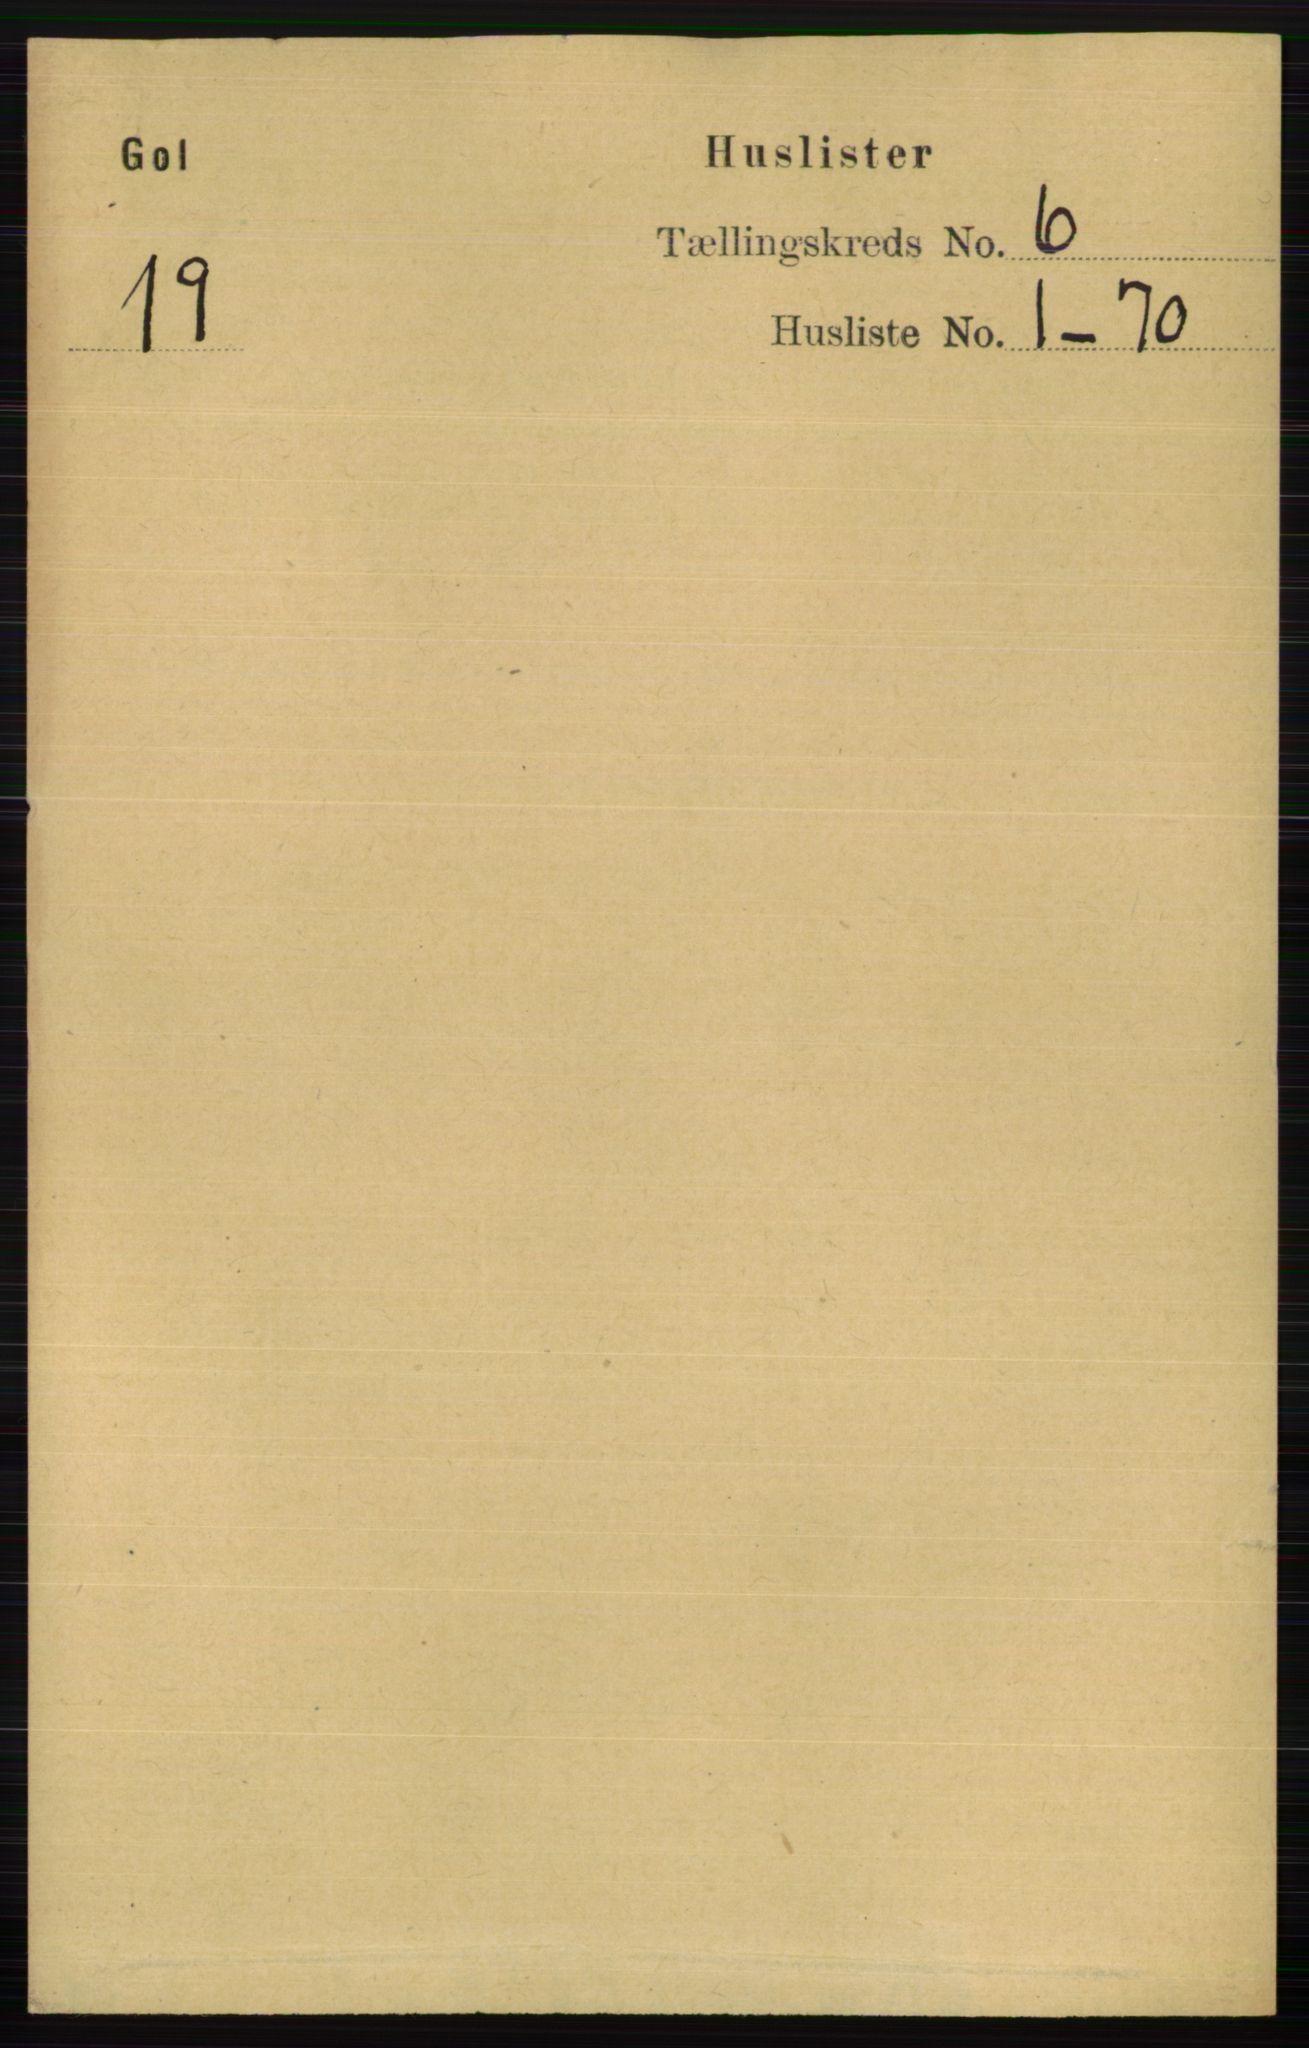 RA, Folketelling 1891 for 0617 Gol og Hemsedal herred, 1891, s. 2348